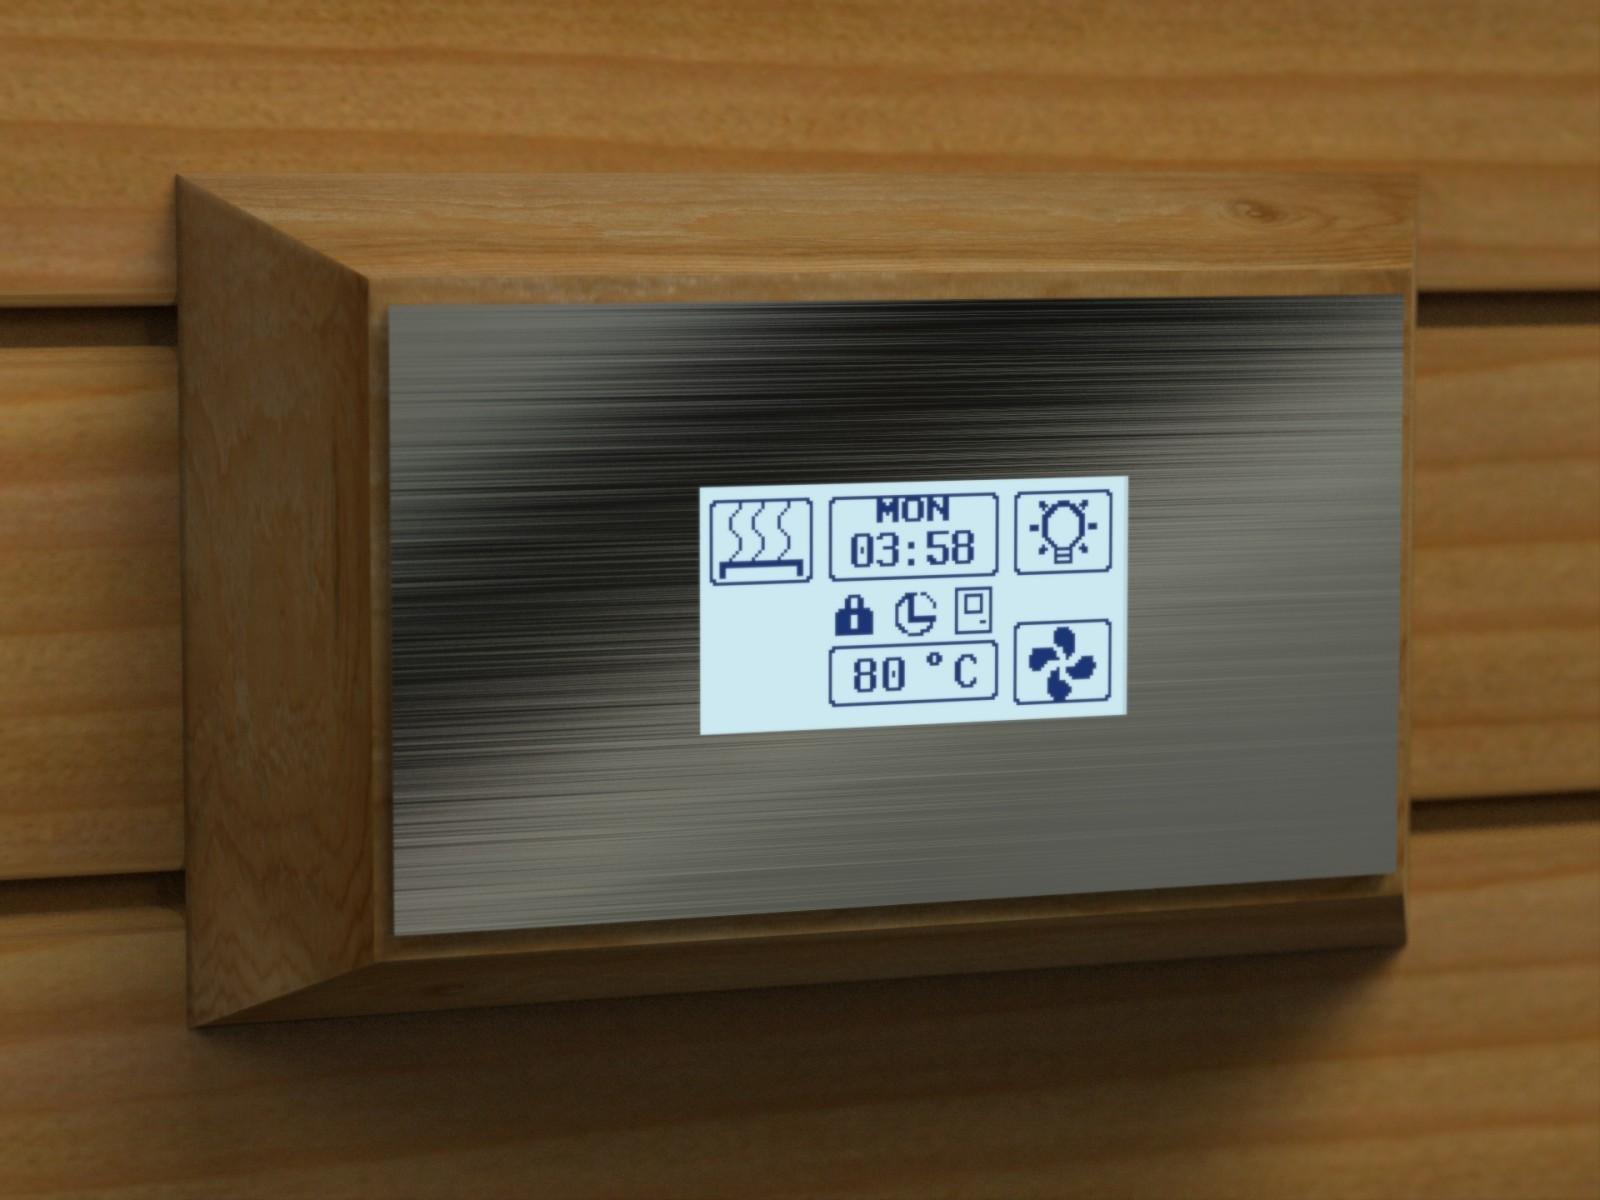 Аксессуары для бани: Держатель пульта SAWO INN-IH21-A Innova (прямоугольный) аксессуары для бани держатель пульта sawo inn ih20 p innova прямоугольный